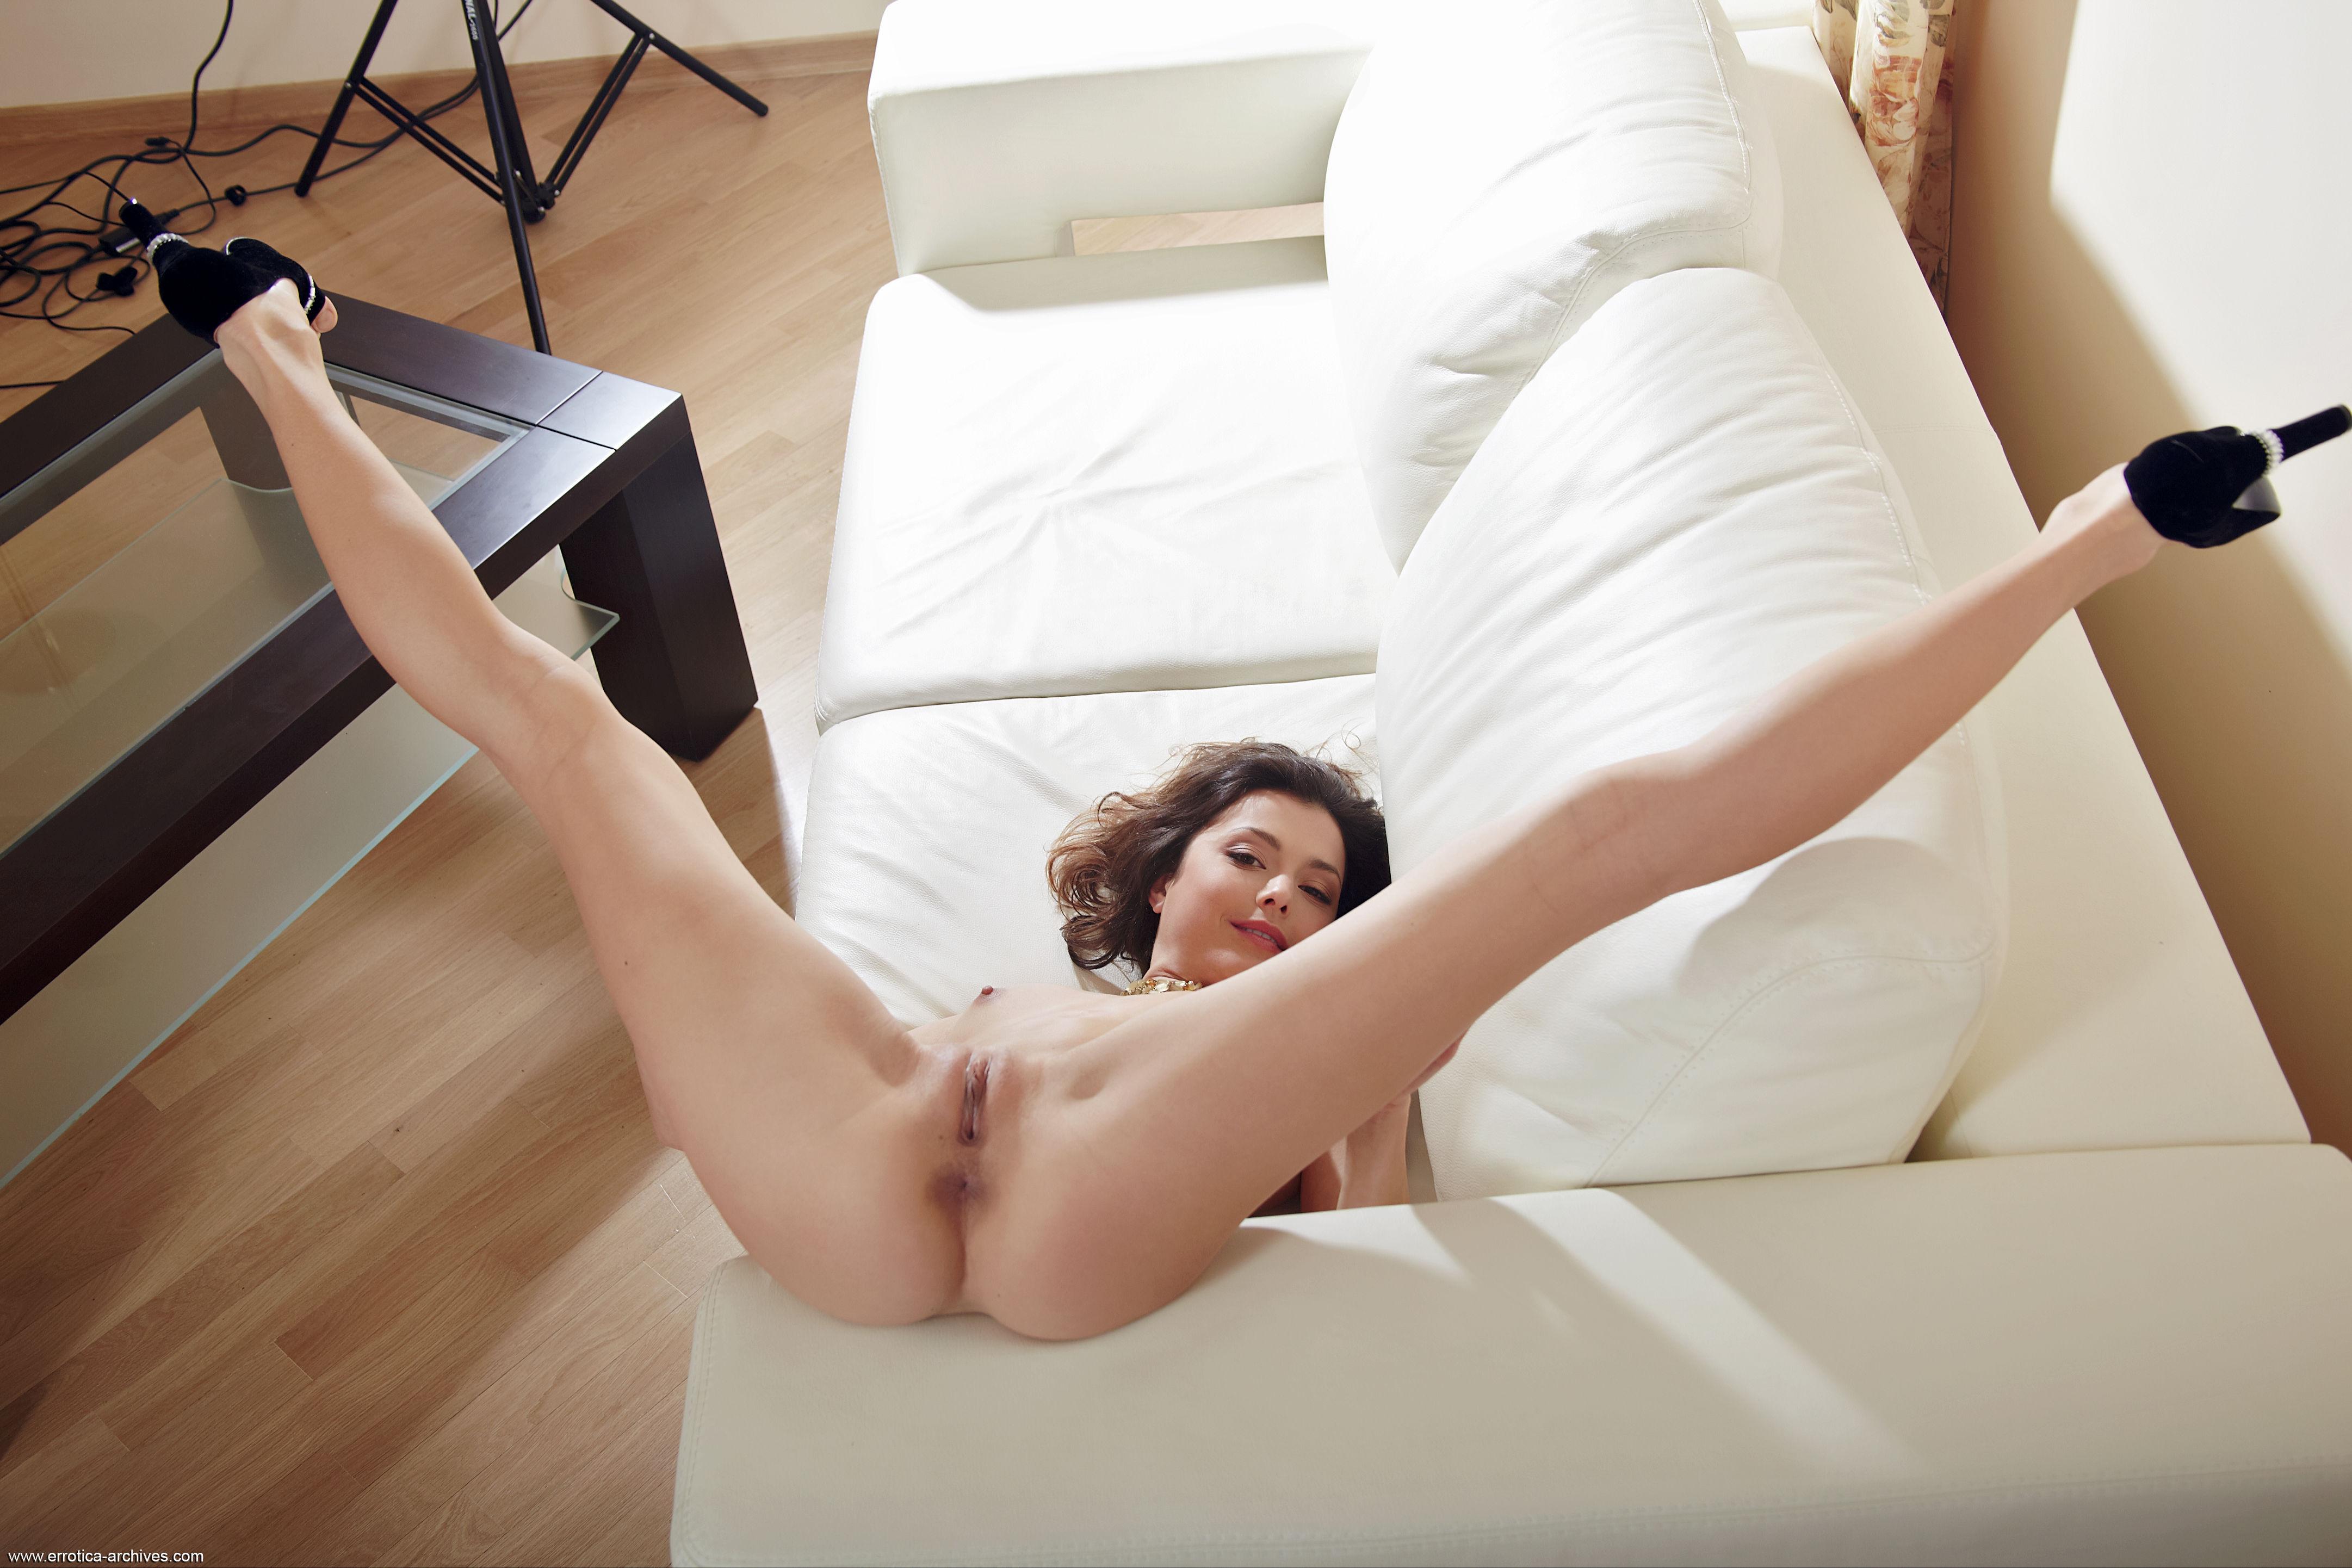 Woman spread eagle nude closeup sex nude